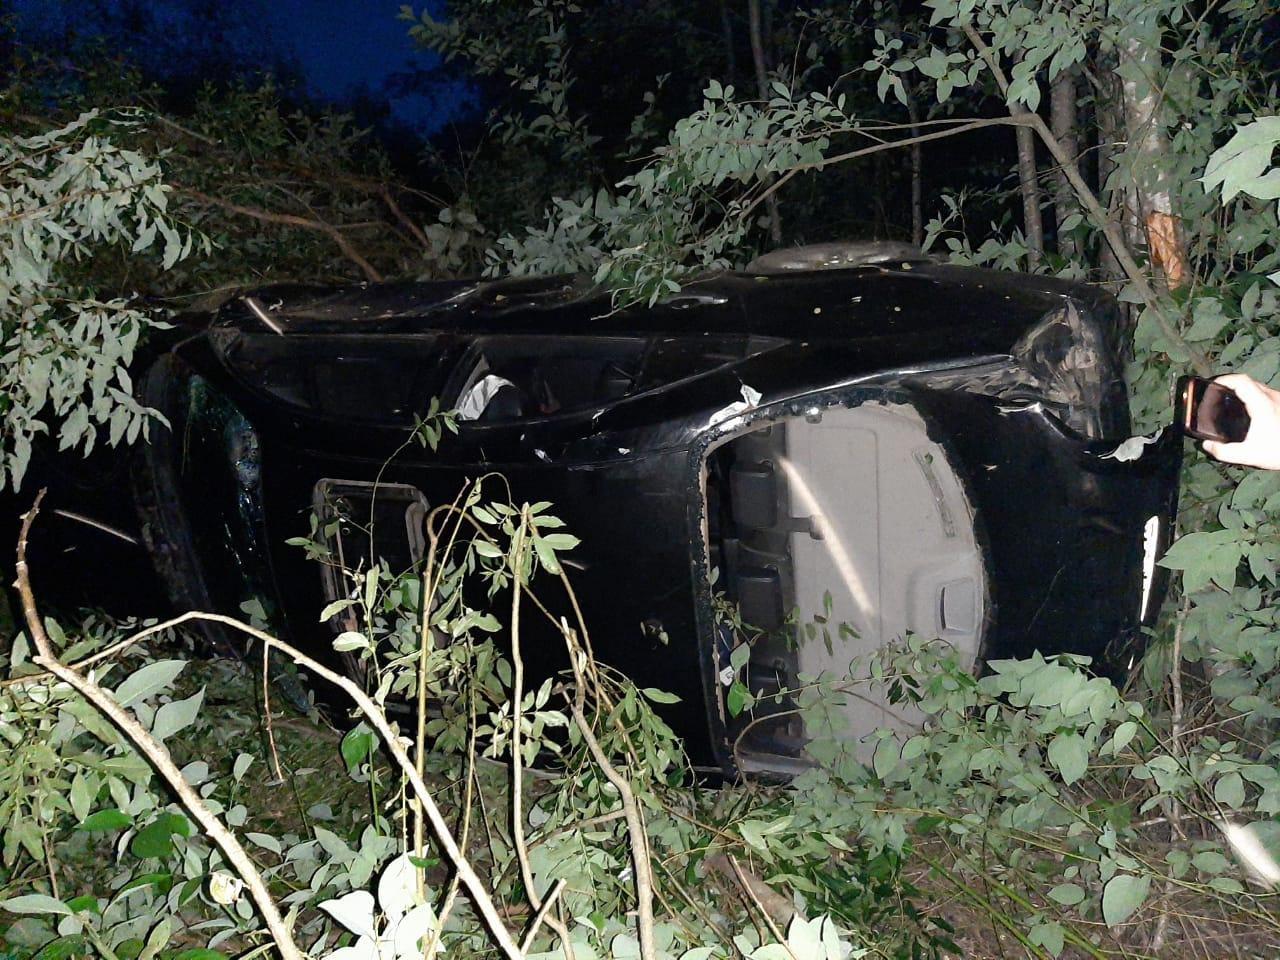 В Тверской области столкнулись машина и лось: три человека пострадали